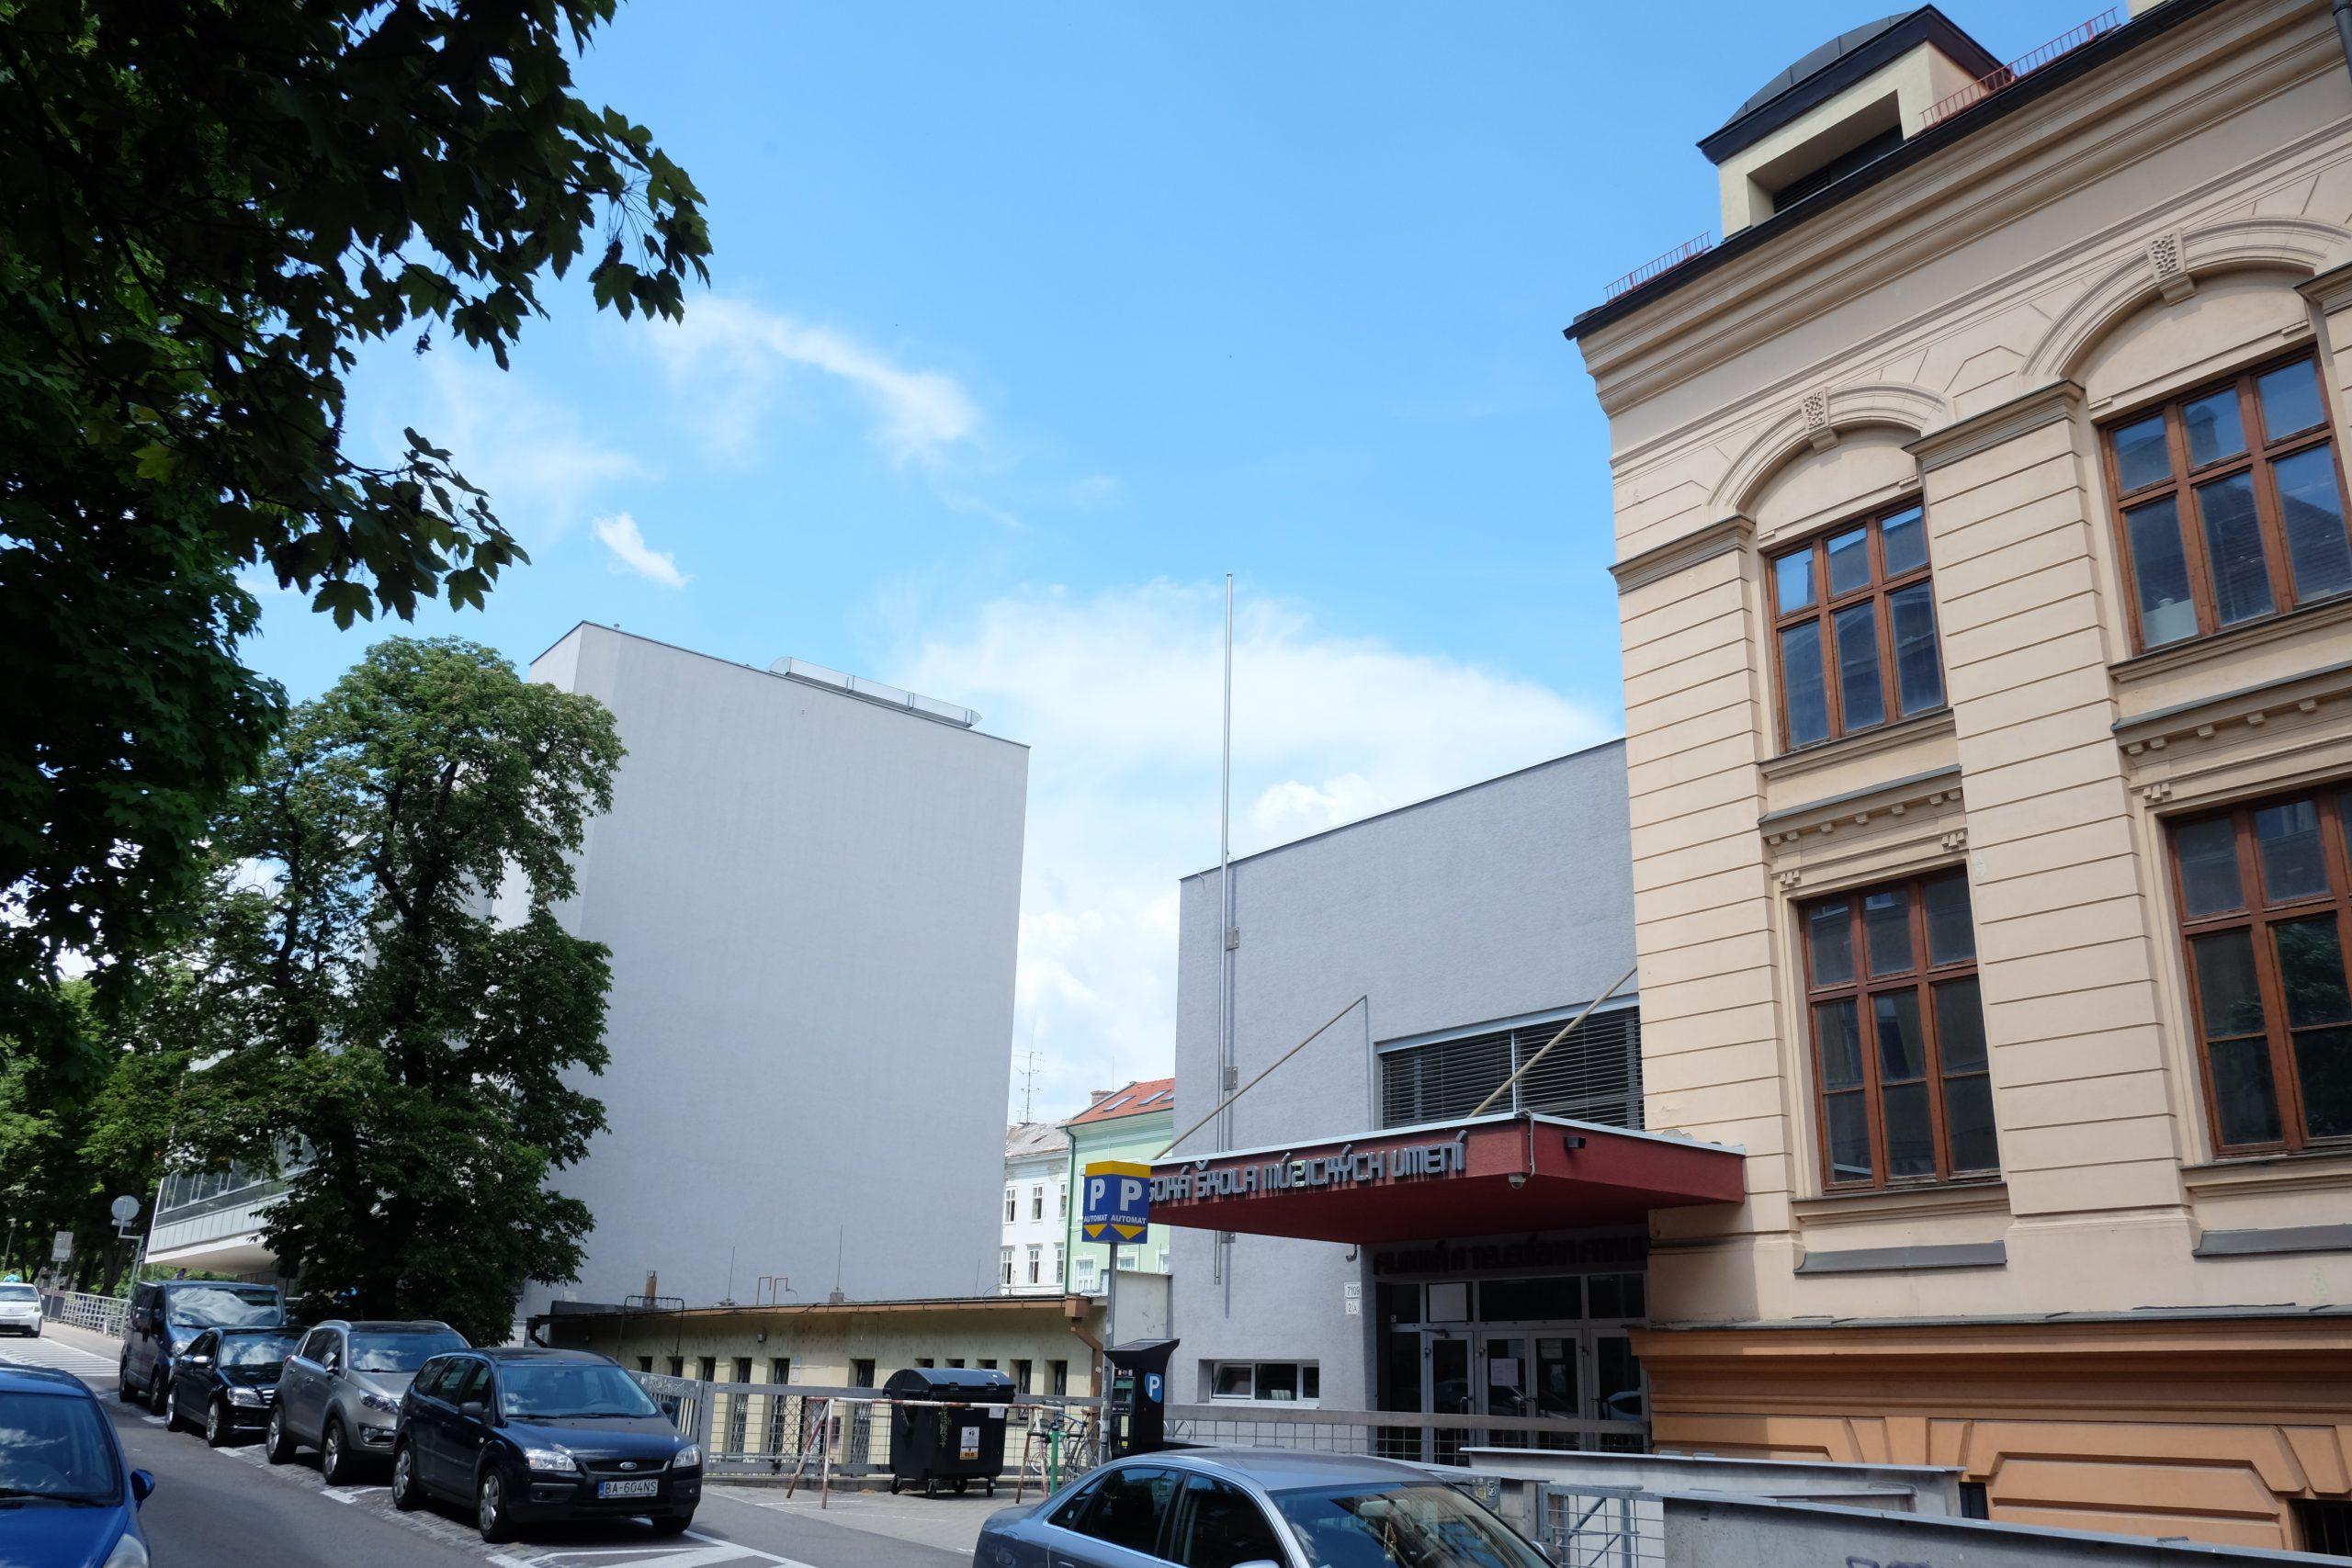 """Vyhlásenie súťaže 23/2021 """"Dostavba komplexu Vysokej školy múzických umení na Svoradovej ulici vBratislave"""""""